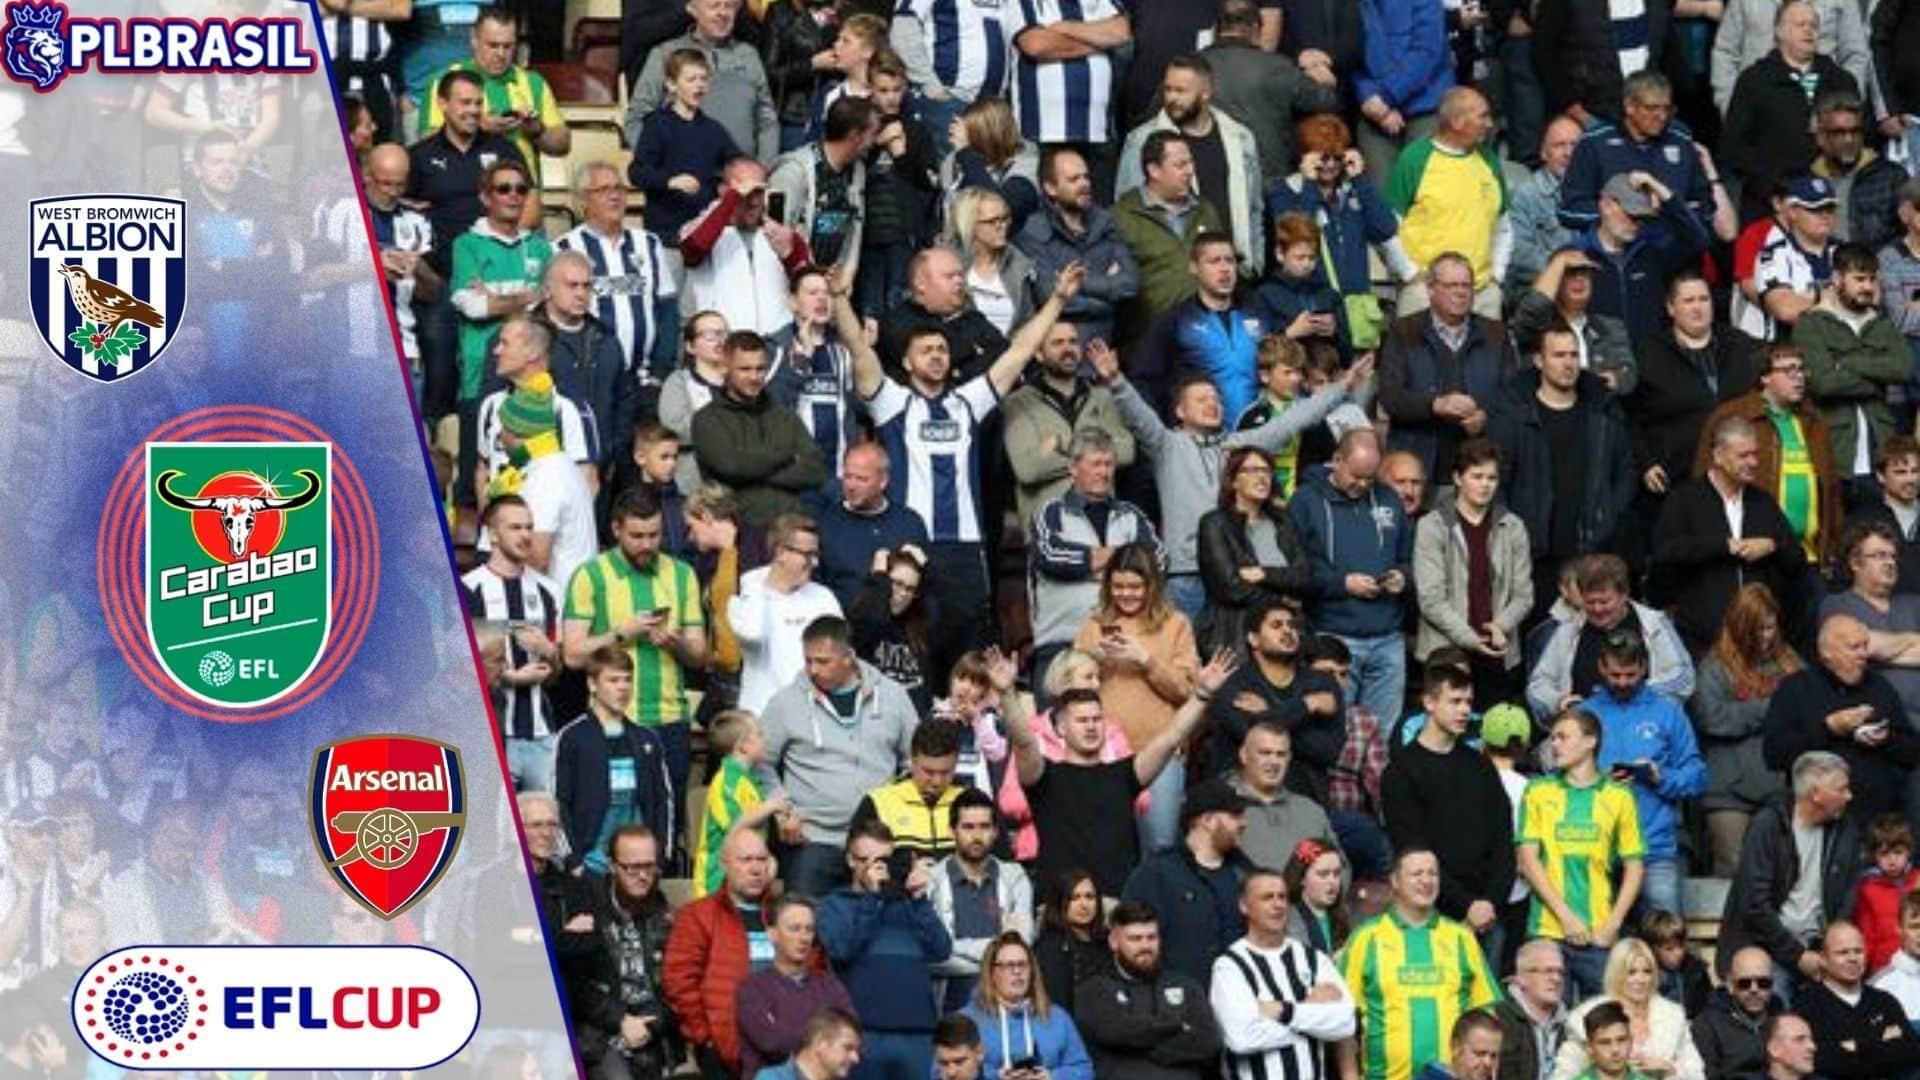 West Bromwich x Arsenal - Palpite & Prognóstico